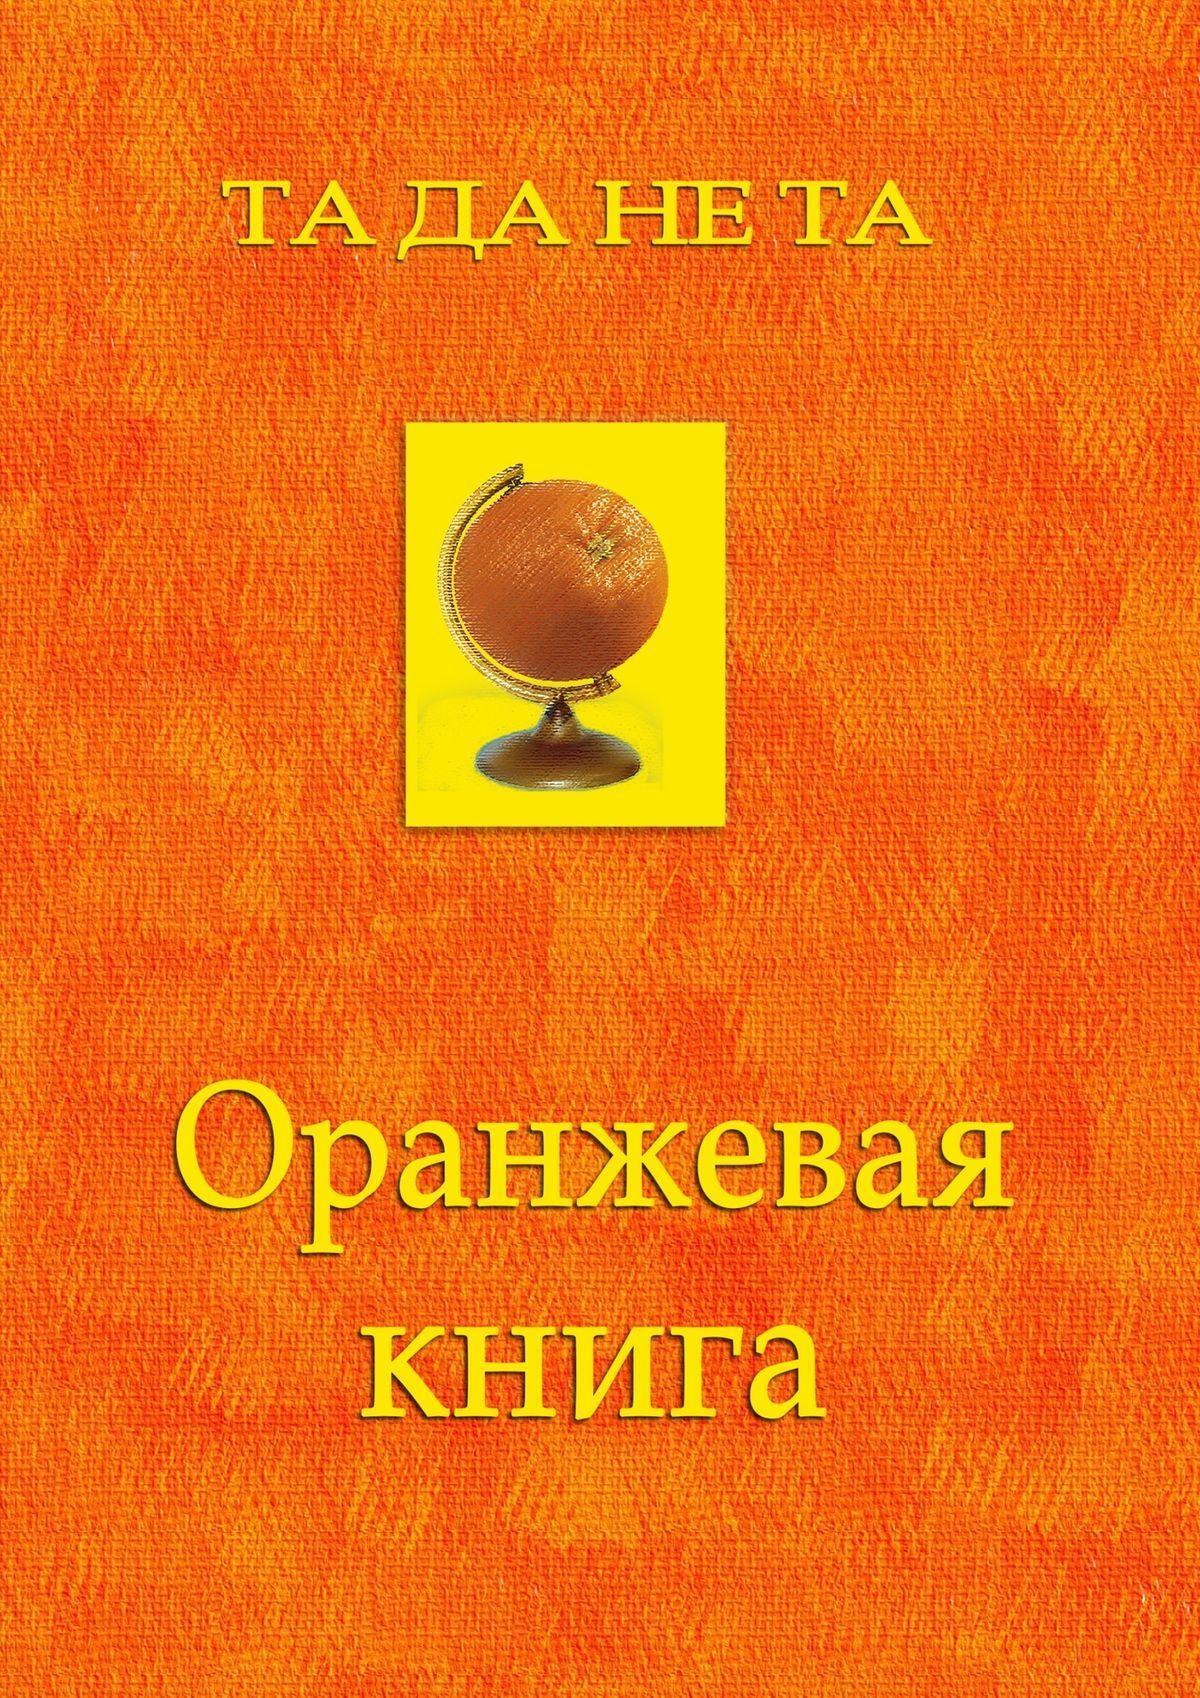 Та Да Не Та Оранжевая книга. Фантастический роман в звательном падеже о чувствах